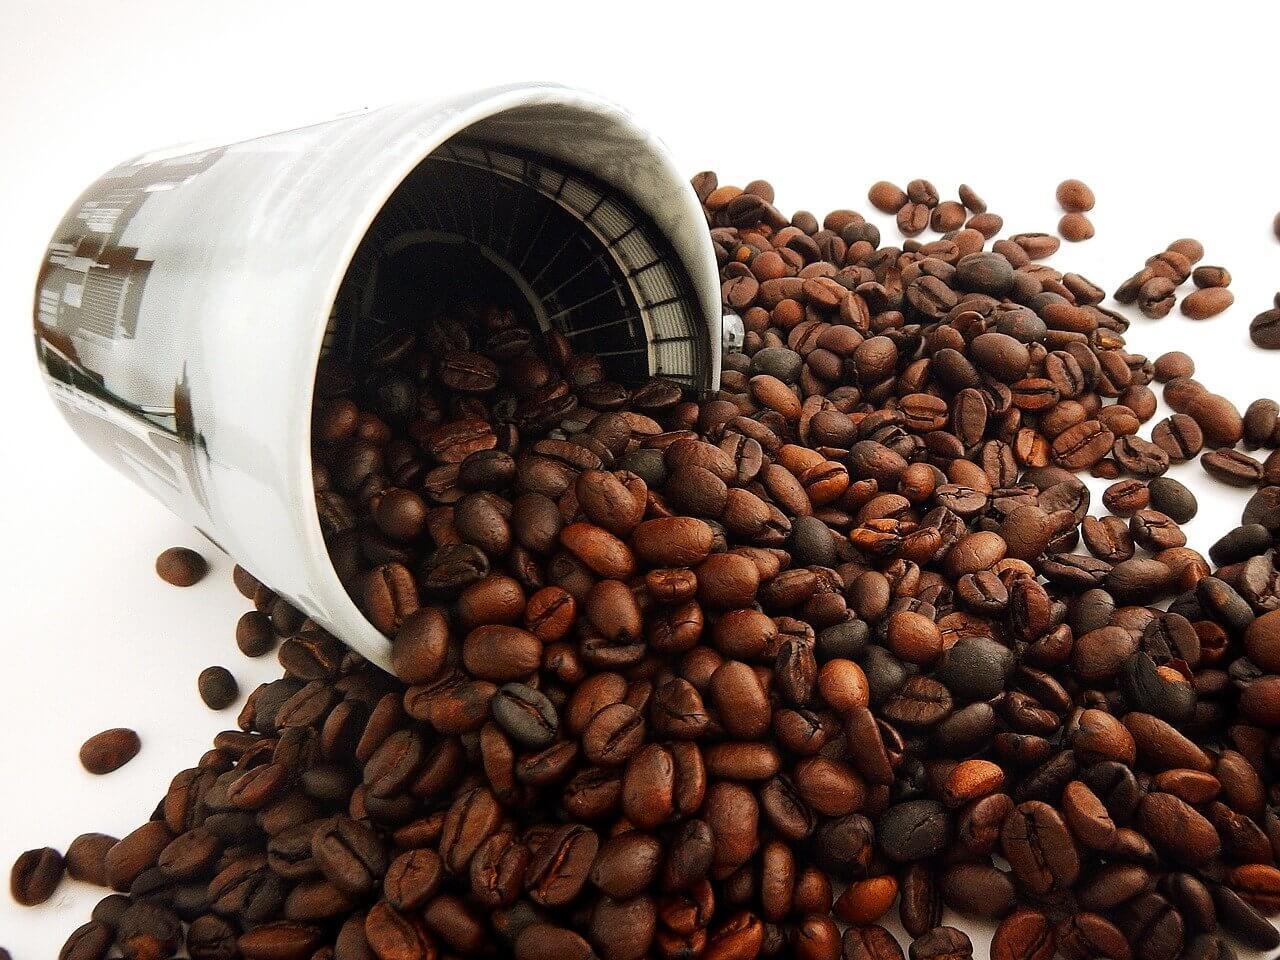 فوائد القهوة للبشرة - ماسك القهوة لتقشير البشرة